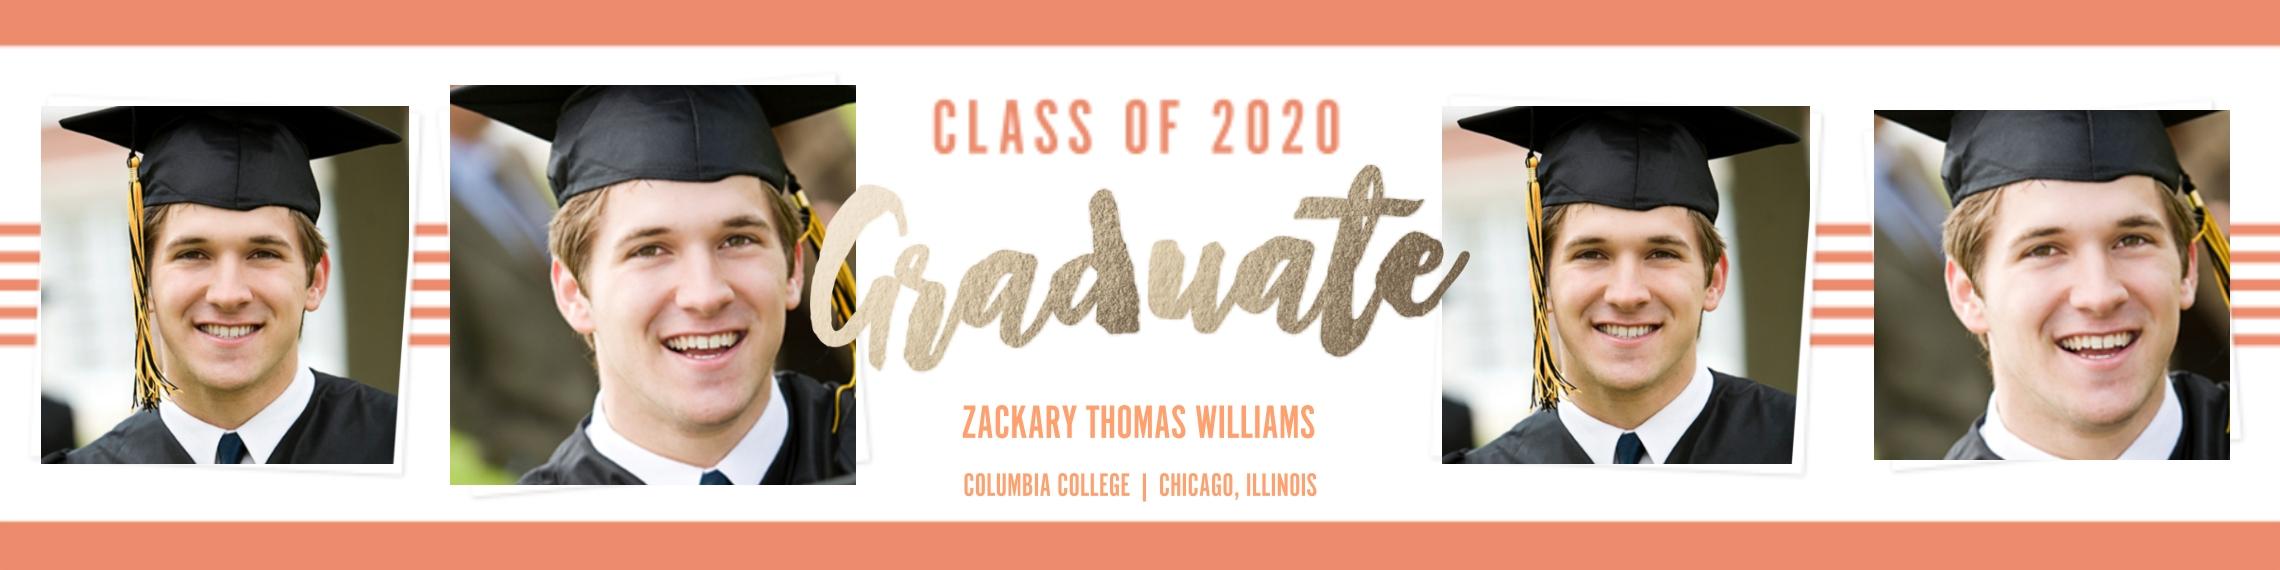 Graduation Photo Banner 2x8, Home Décor -Collegiate Stripes Graduate